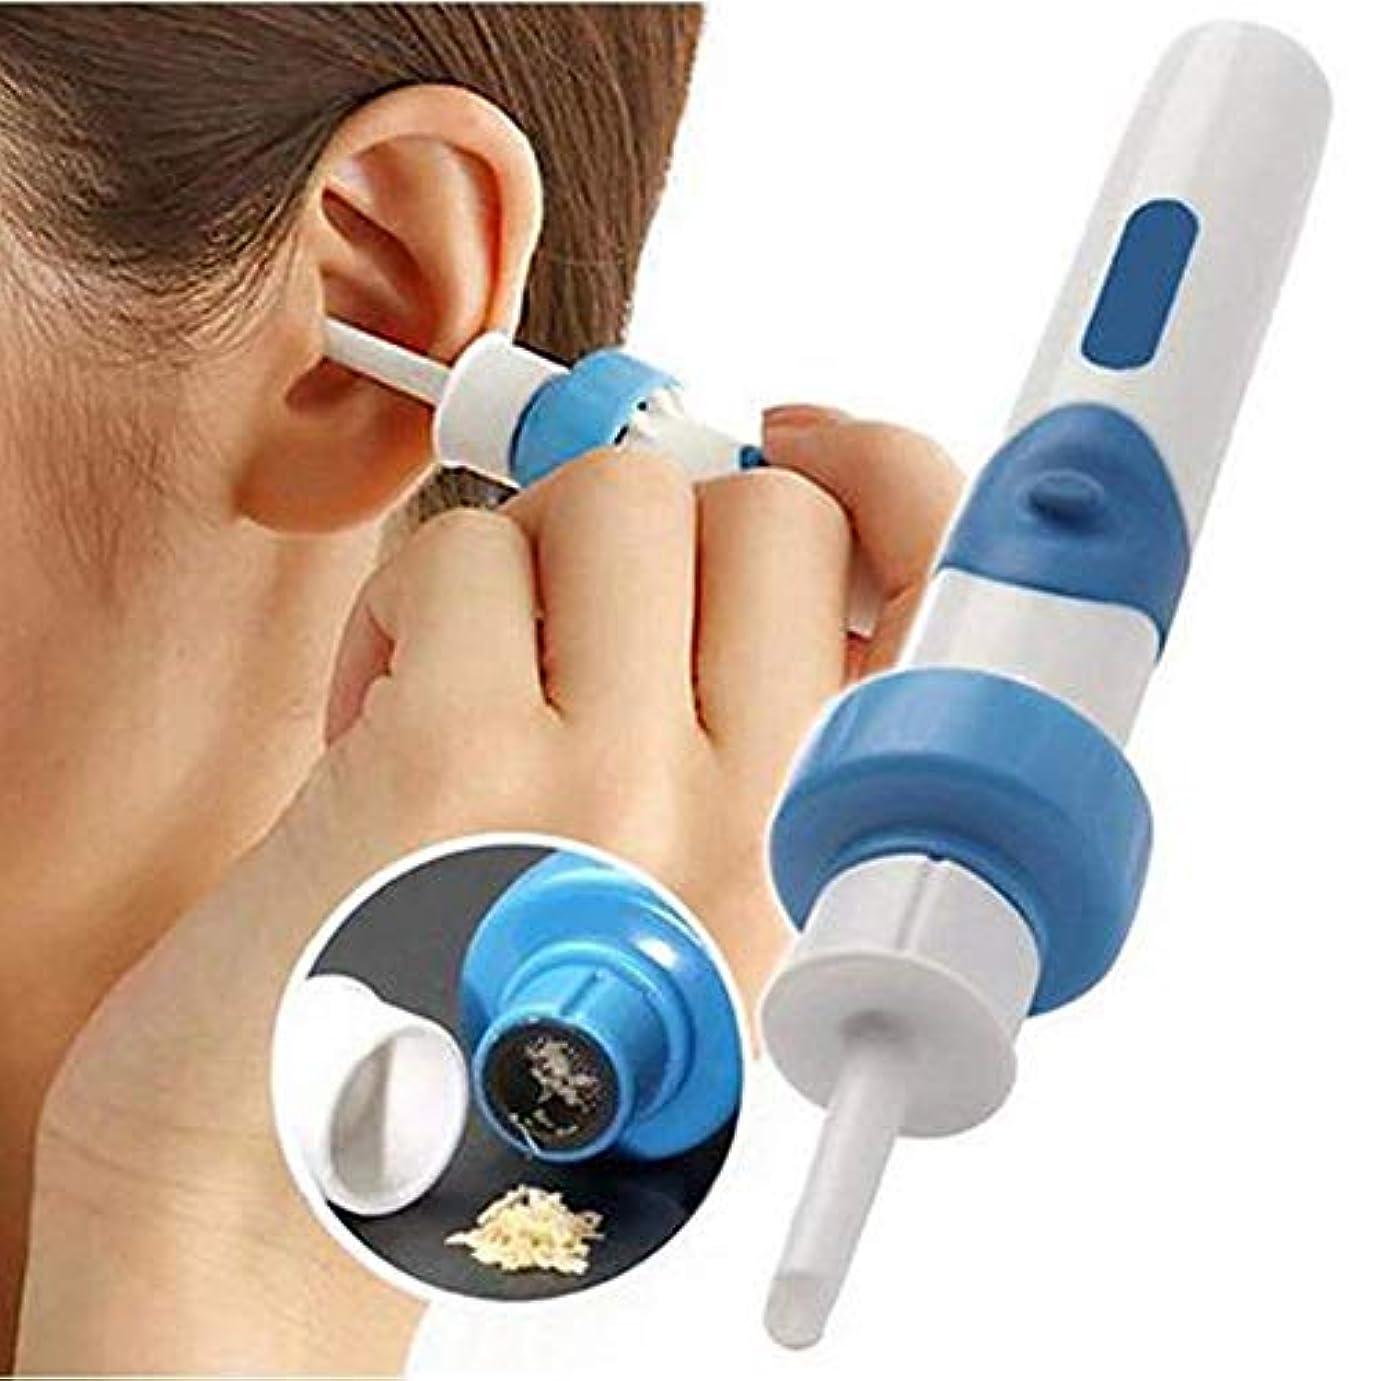 逆に病気だと思う休日Protable真空耳クリーナーマシン電子クリーニングの耳垢が耳かきクリーナーを防ぐ耳ピッククリーンツールケアを削除します。